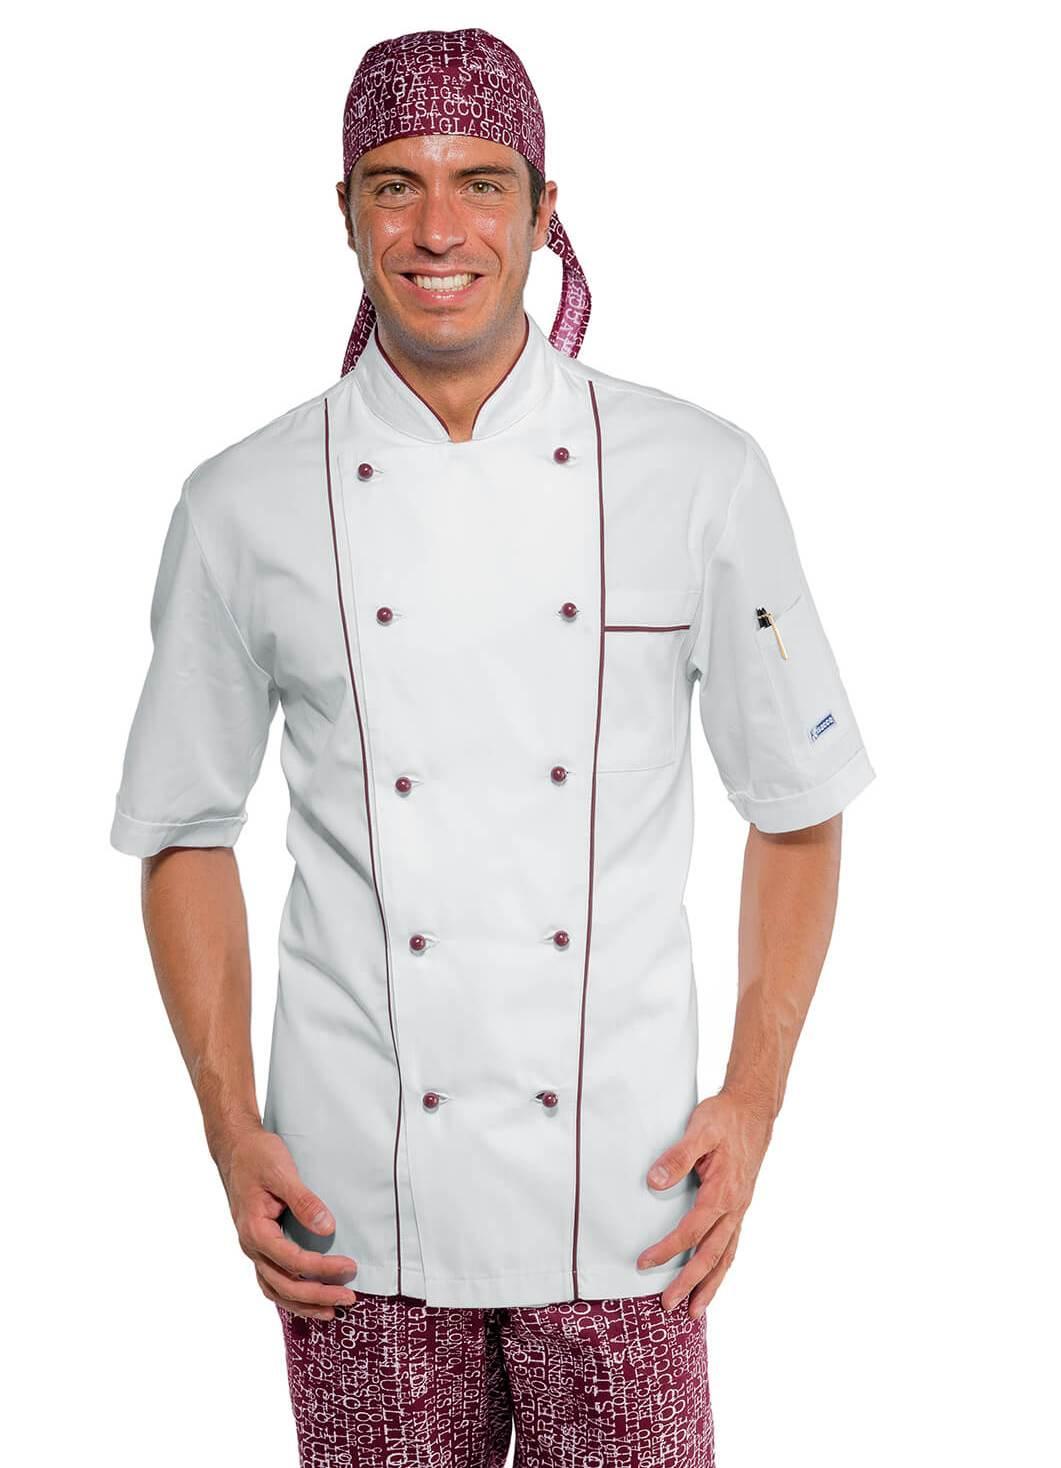 veste cuisine blanche et bordeaux manches courtes veste cuisinier. Black Bedroom Furniture Sets. Home Design Ideas